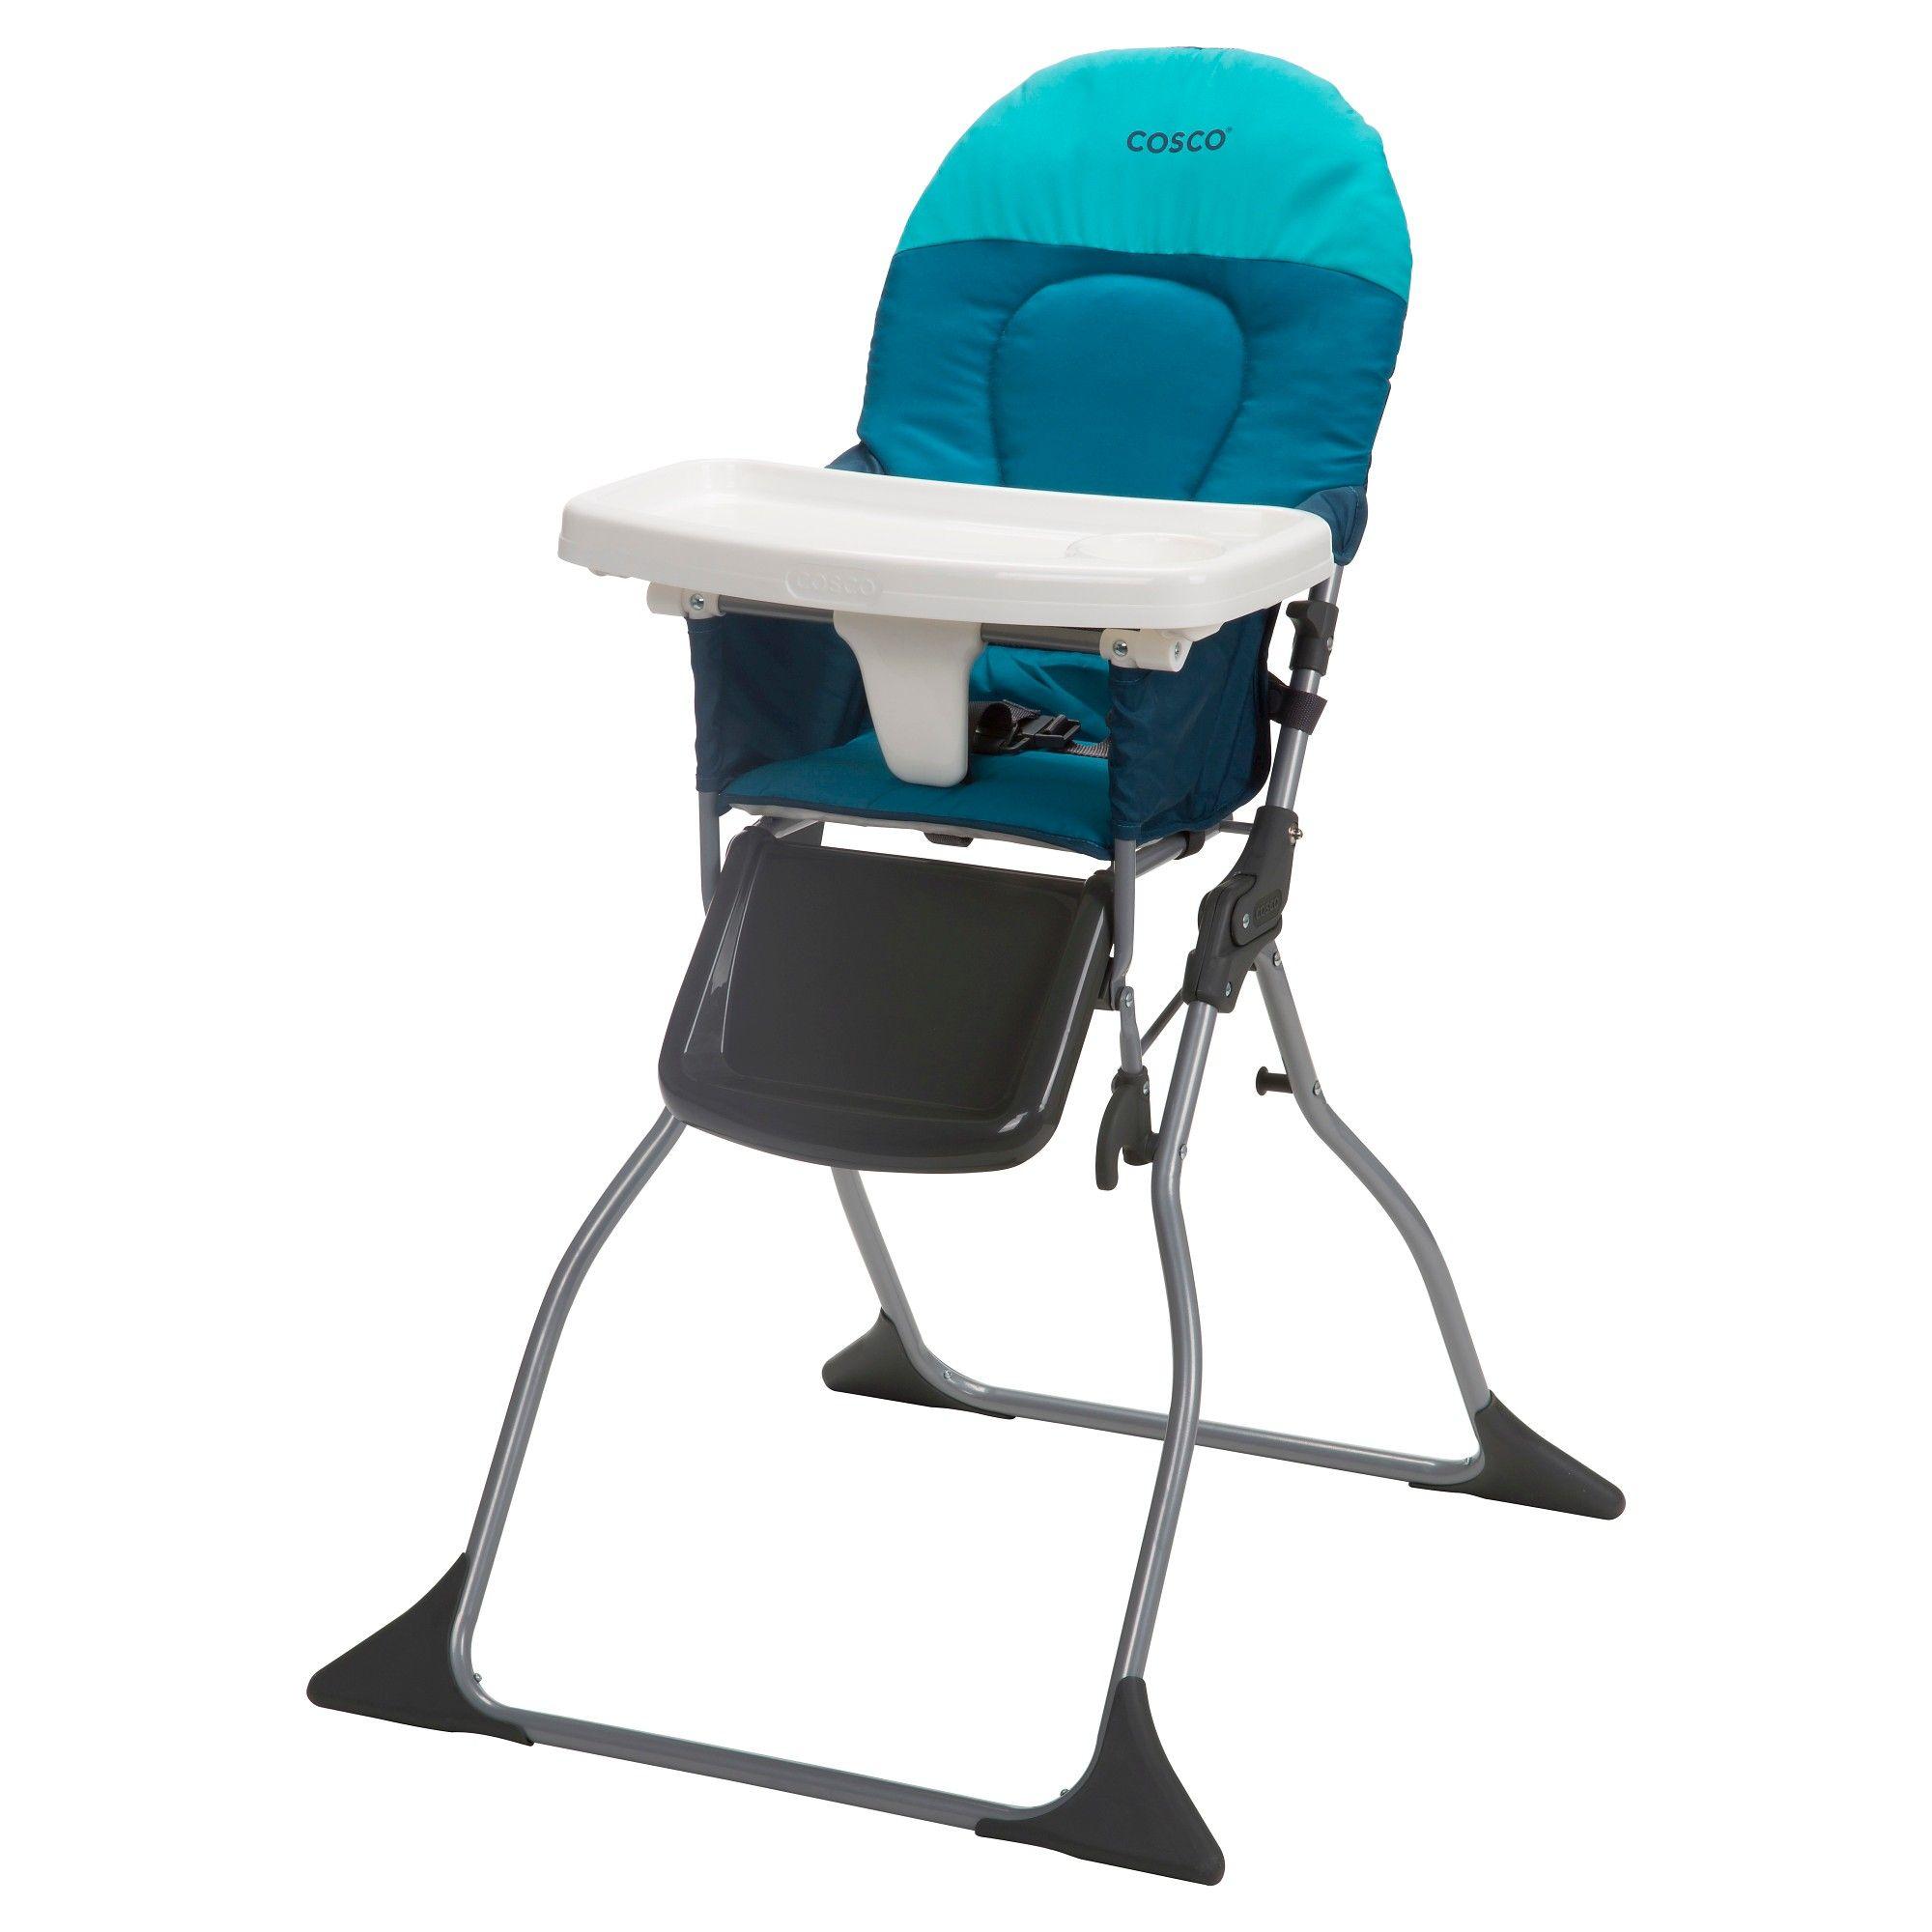 Cosco Simple Fold High Chair Ocean Depth Chair